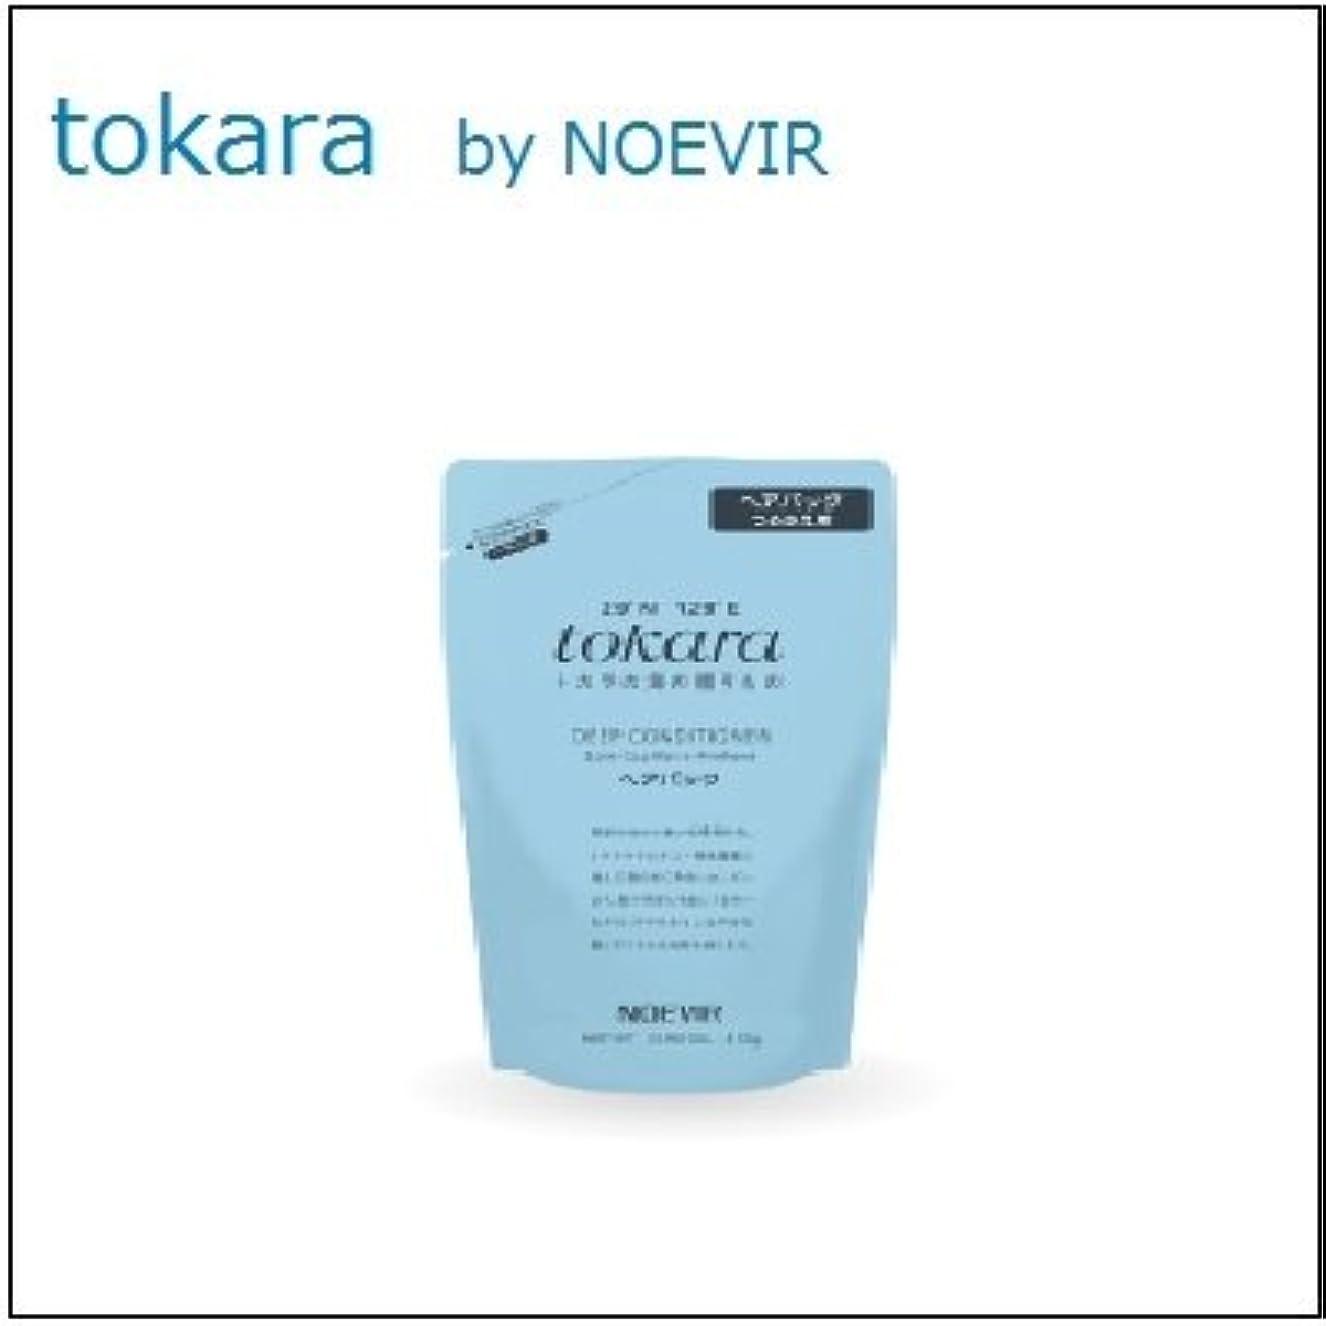 抽象配管不適切なノエビア トカラの海のヘアパック リフィール(つめかえ用)310g [並行輸入品]